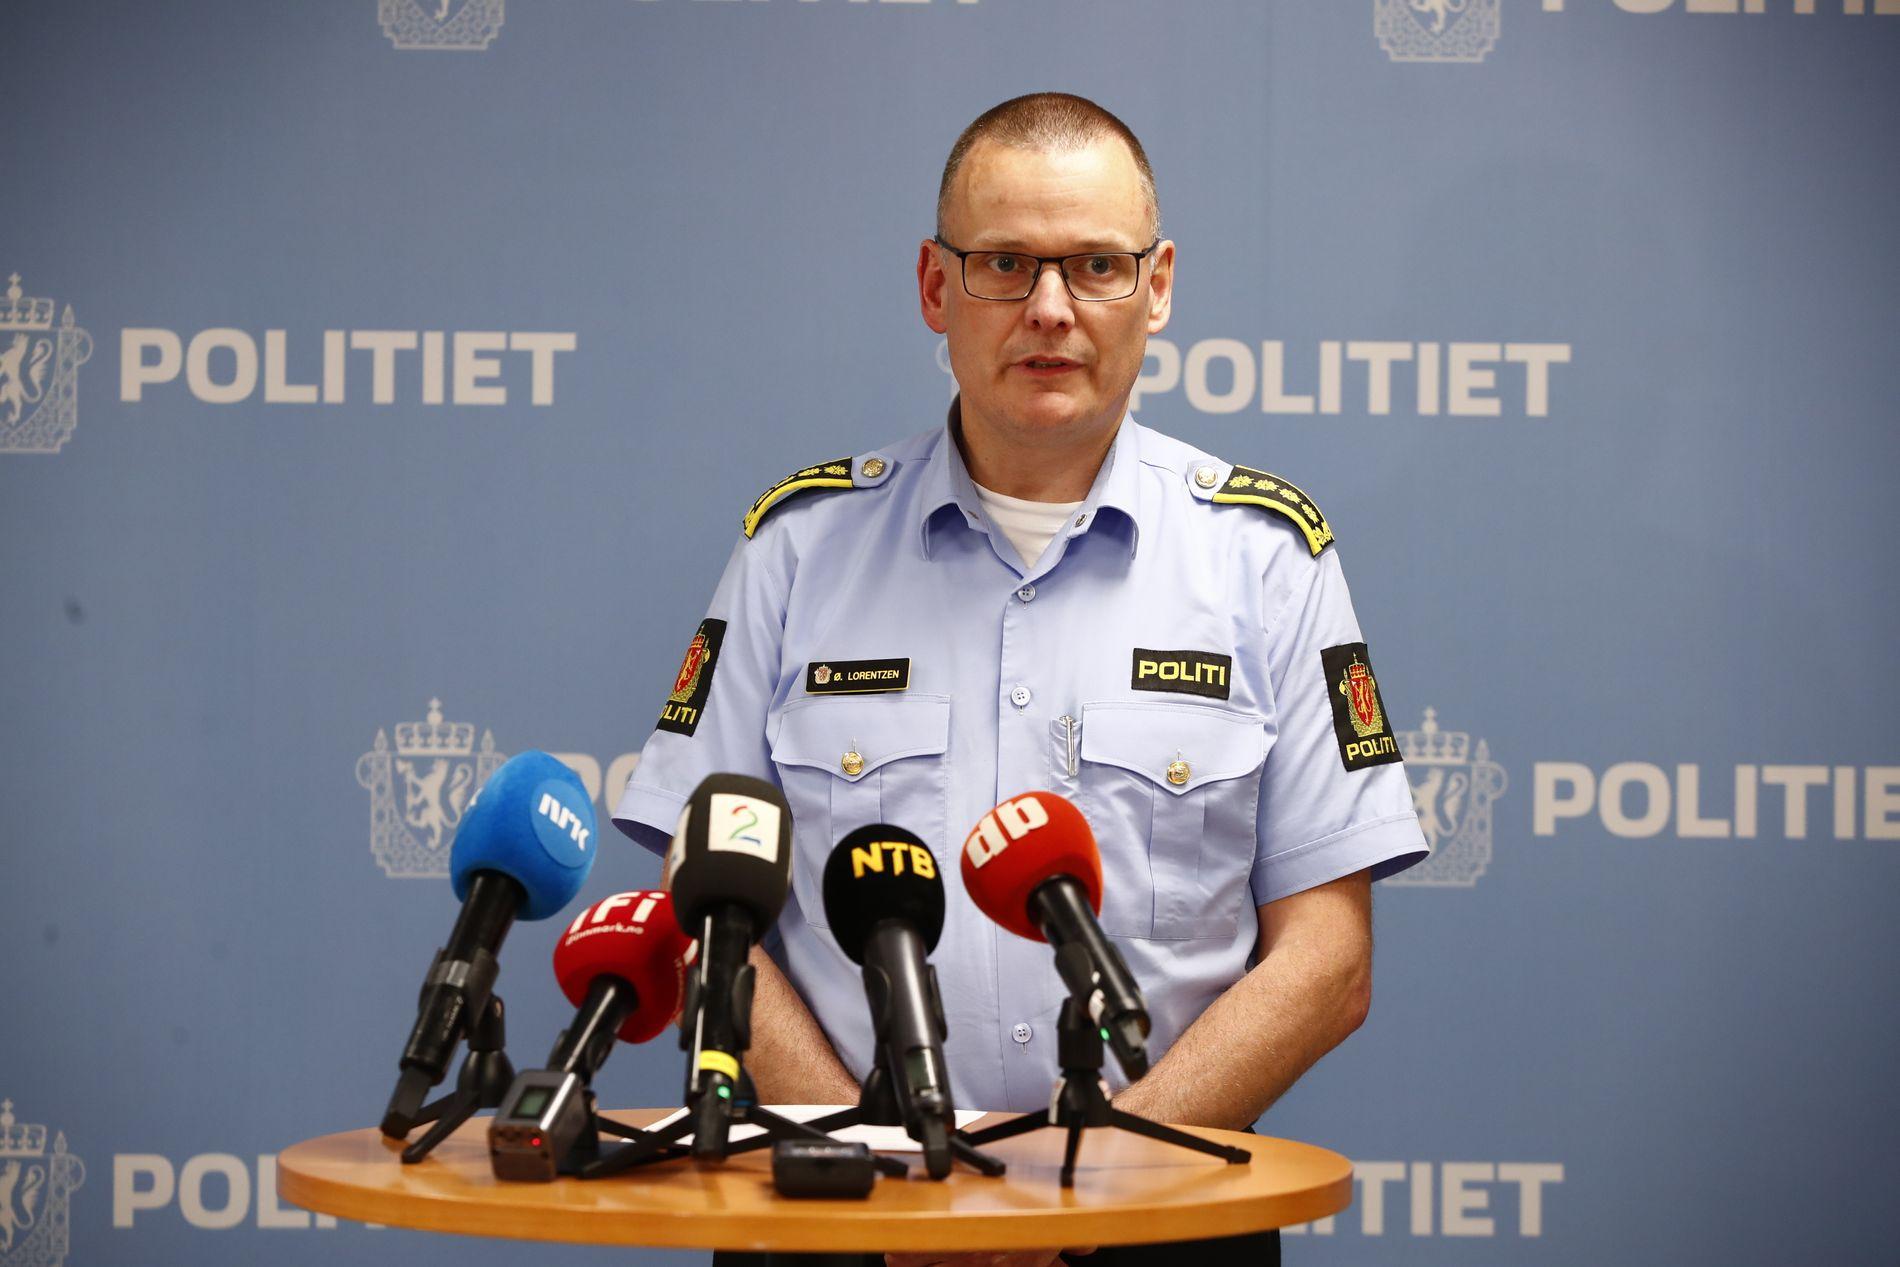 HAR BILDER: – Det er ingen vitner som har sett selve styrten, men politiet har fått tilsendt bilder og videoer som passasjerene har sendt som snap, sa Alta-lensmann Øyvind Lorentzen på en pressekonferanse mandag kveld.